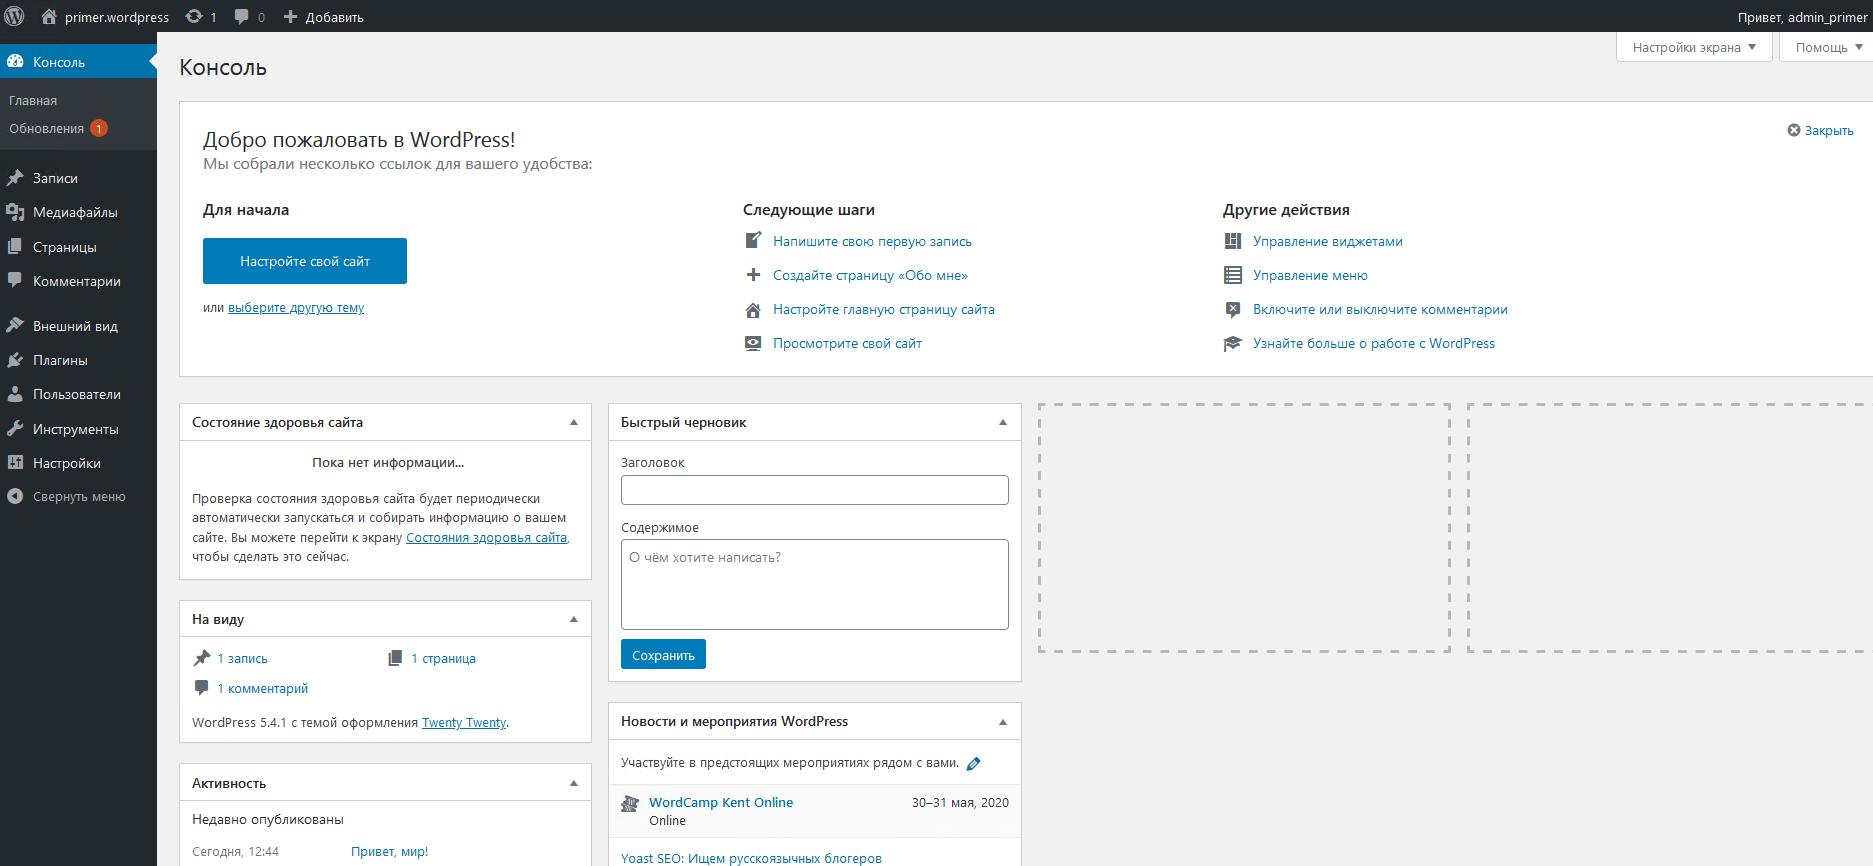 Администраторская часть сайта